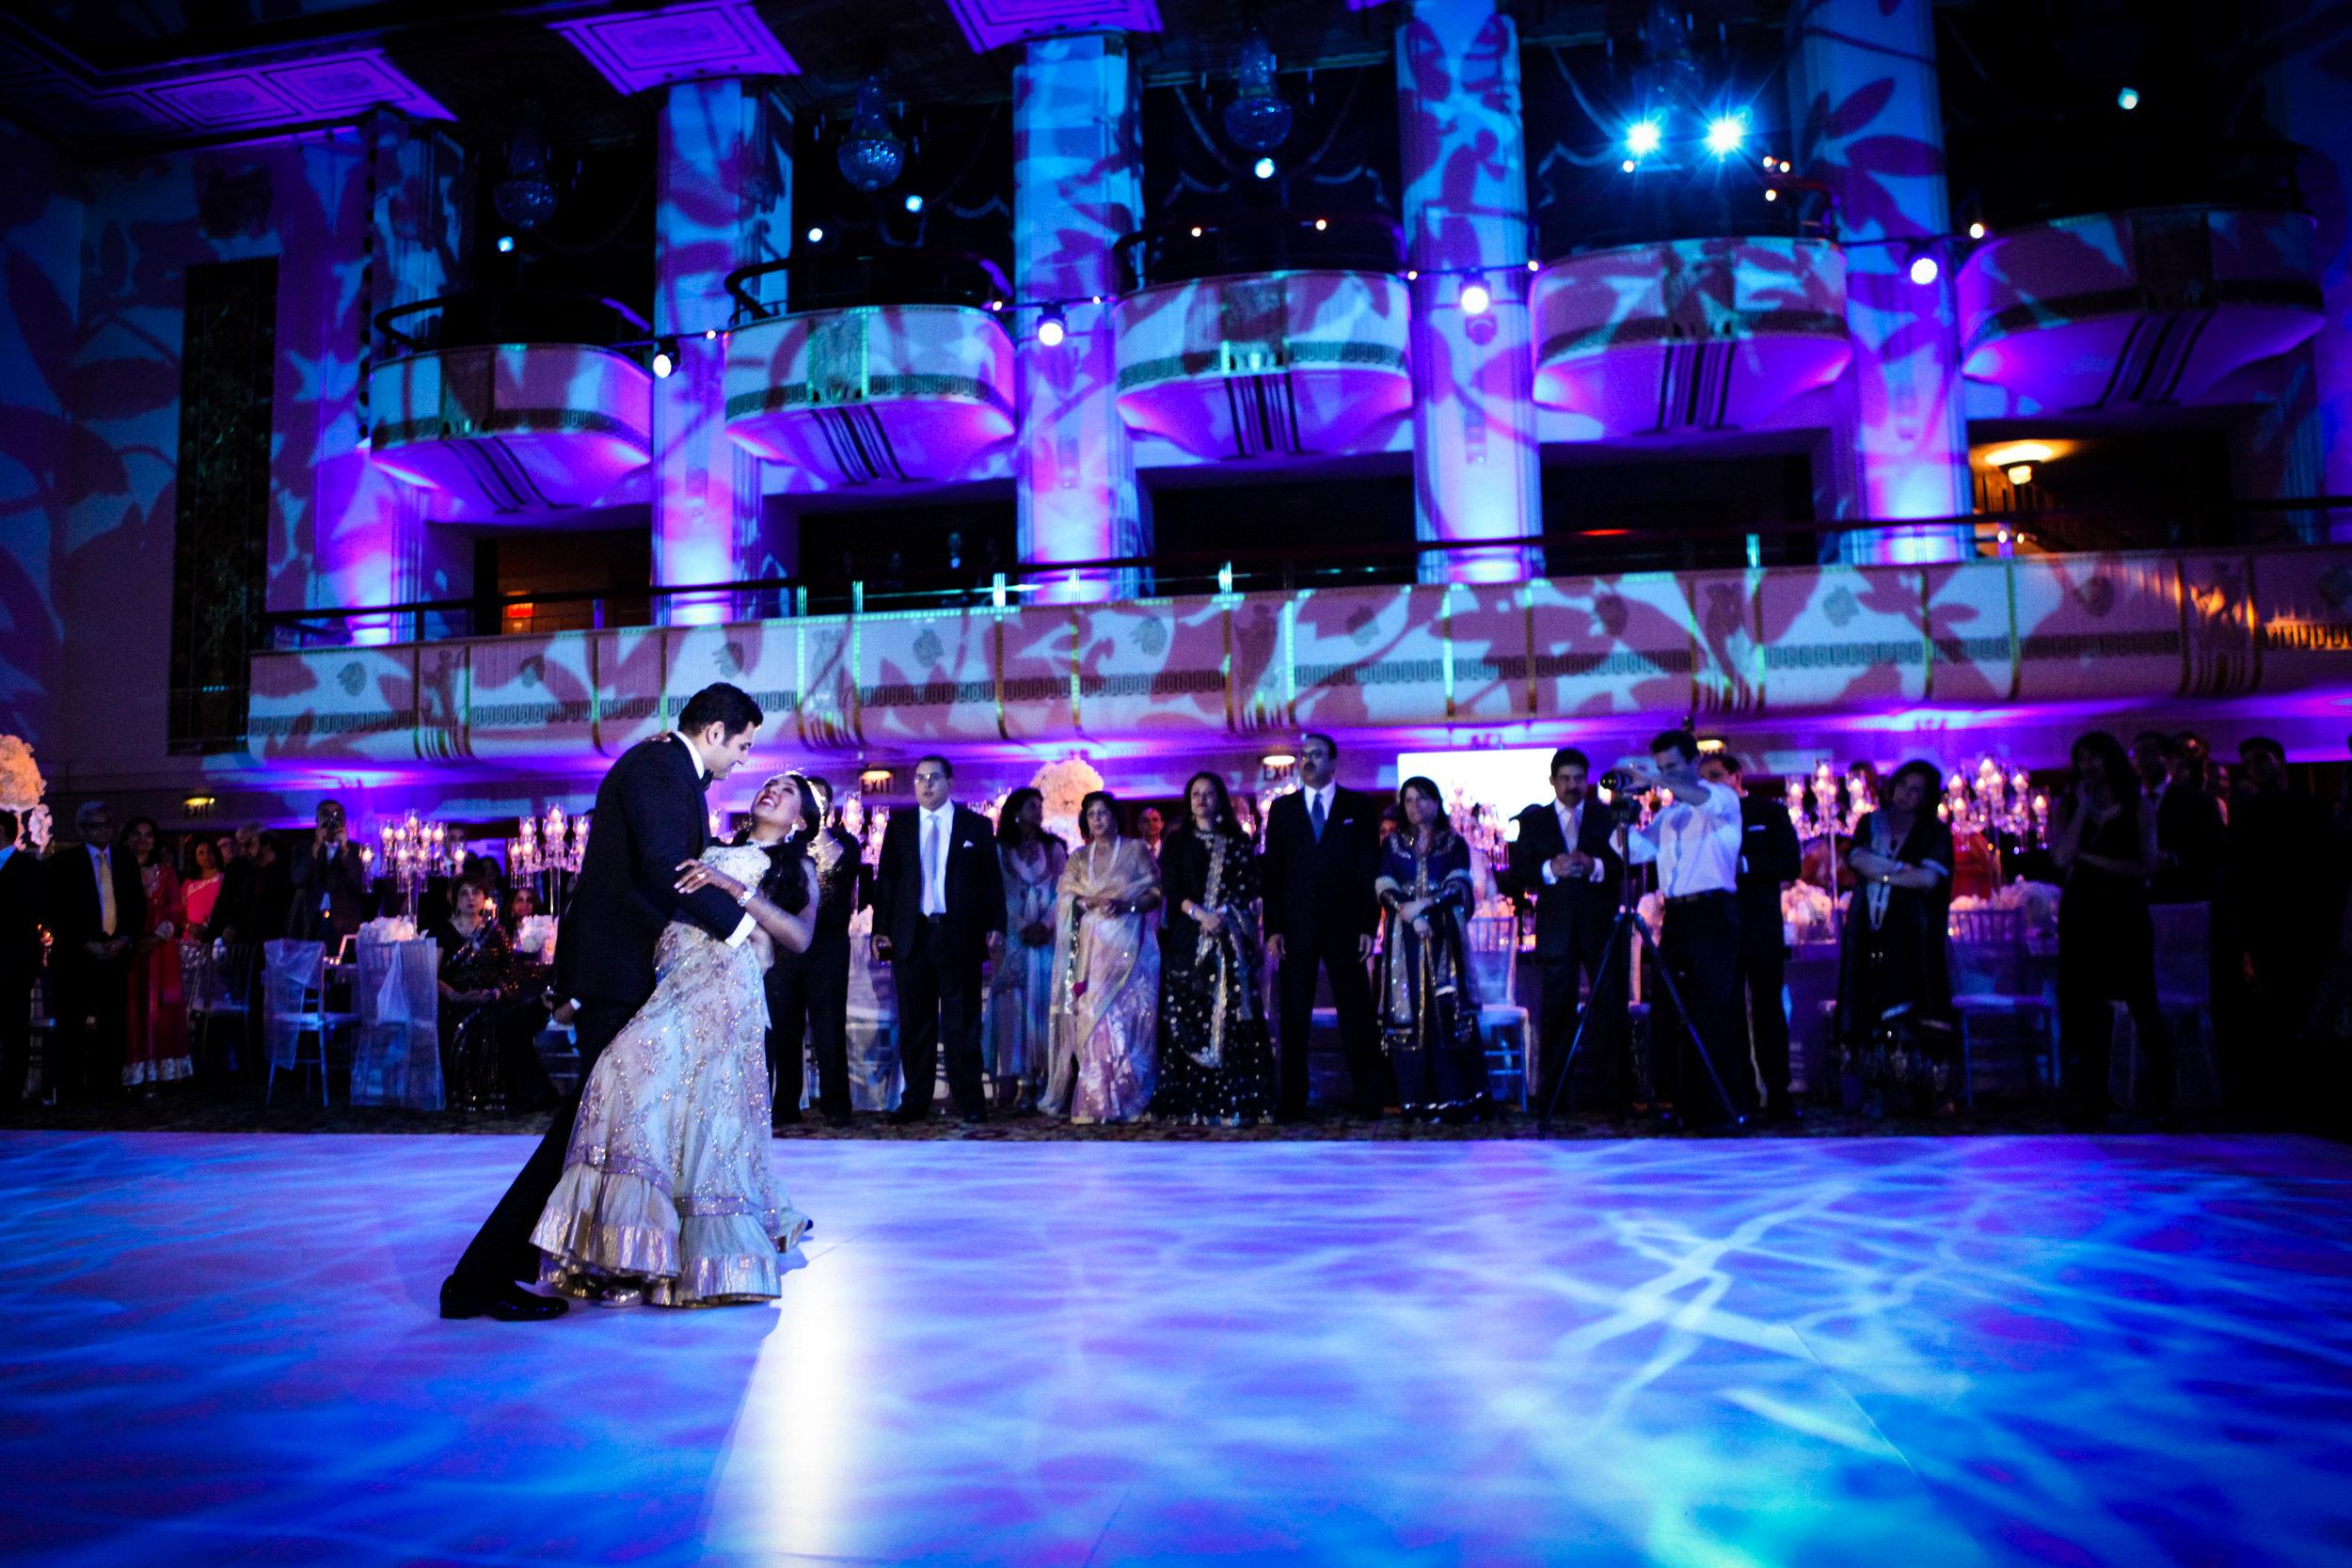 Couple dipped on lit dancefloor